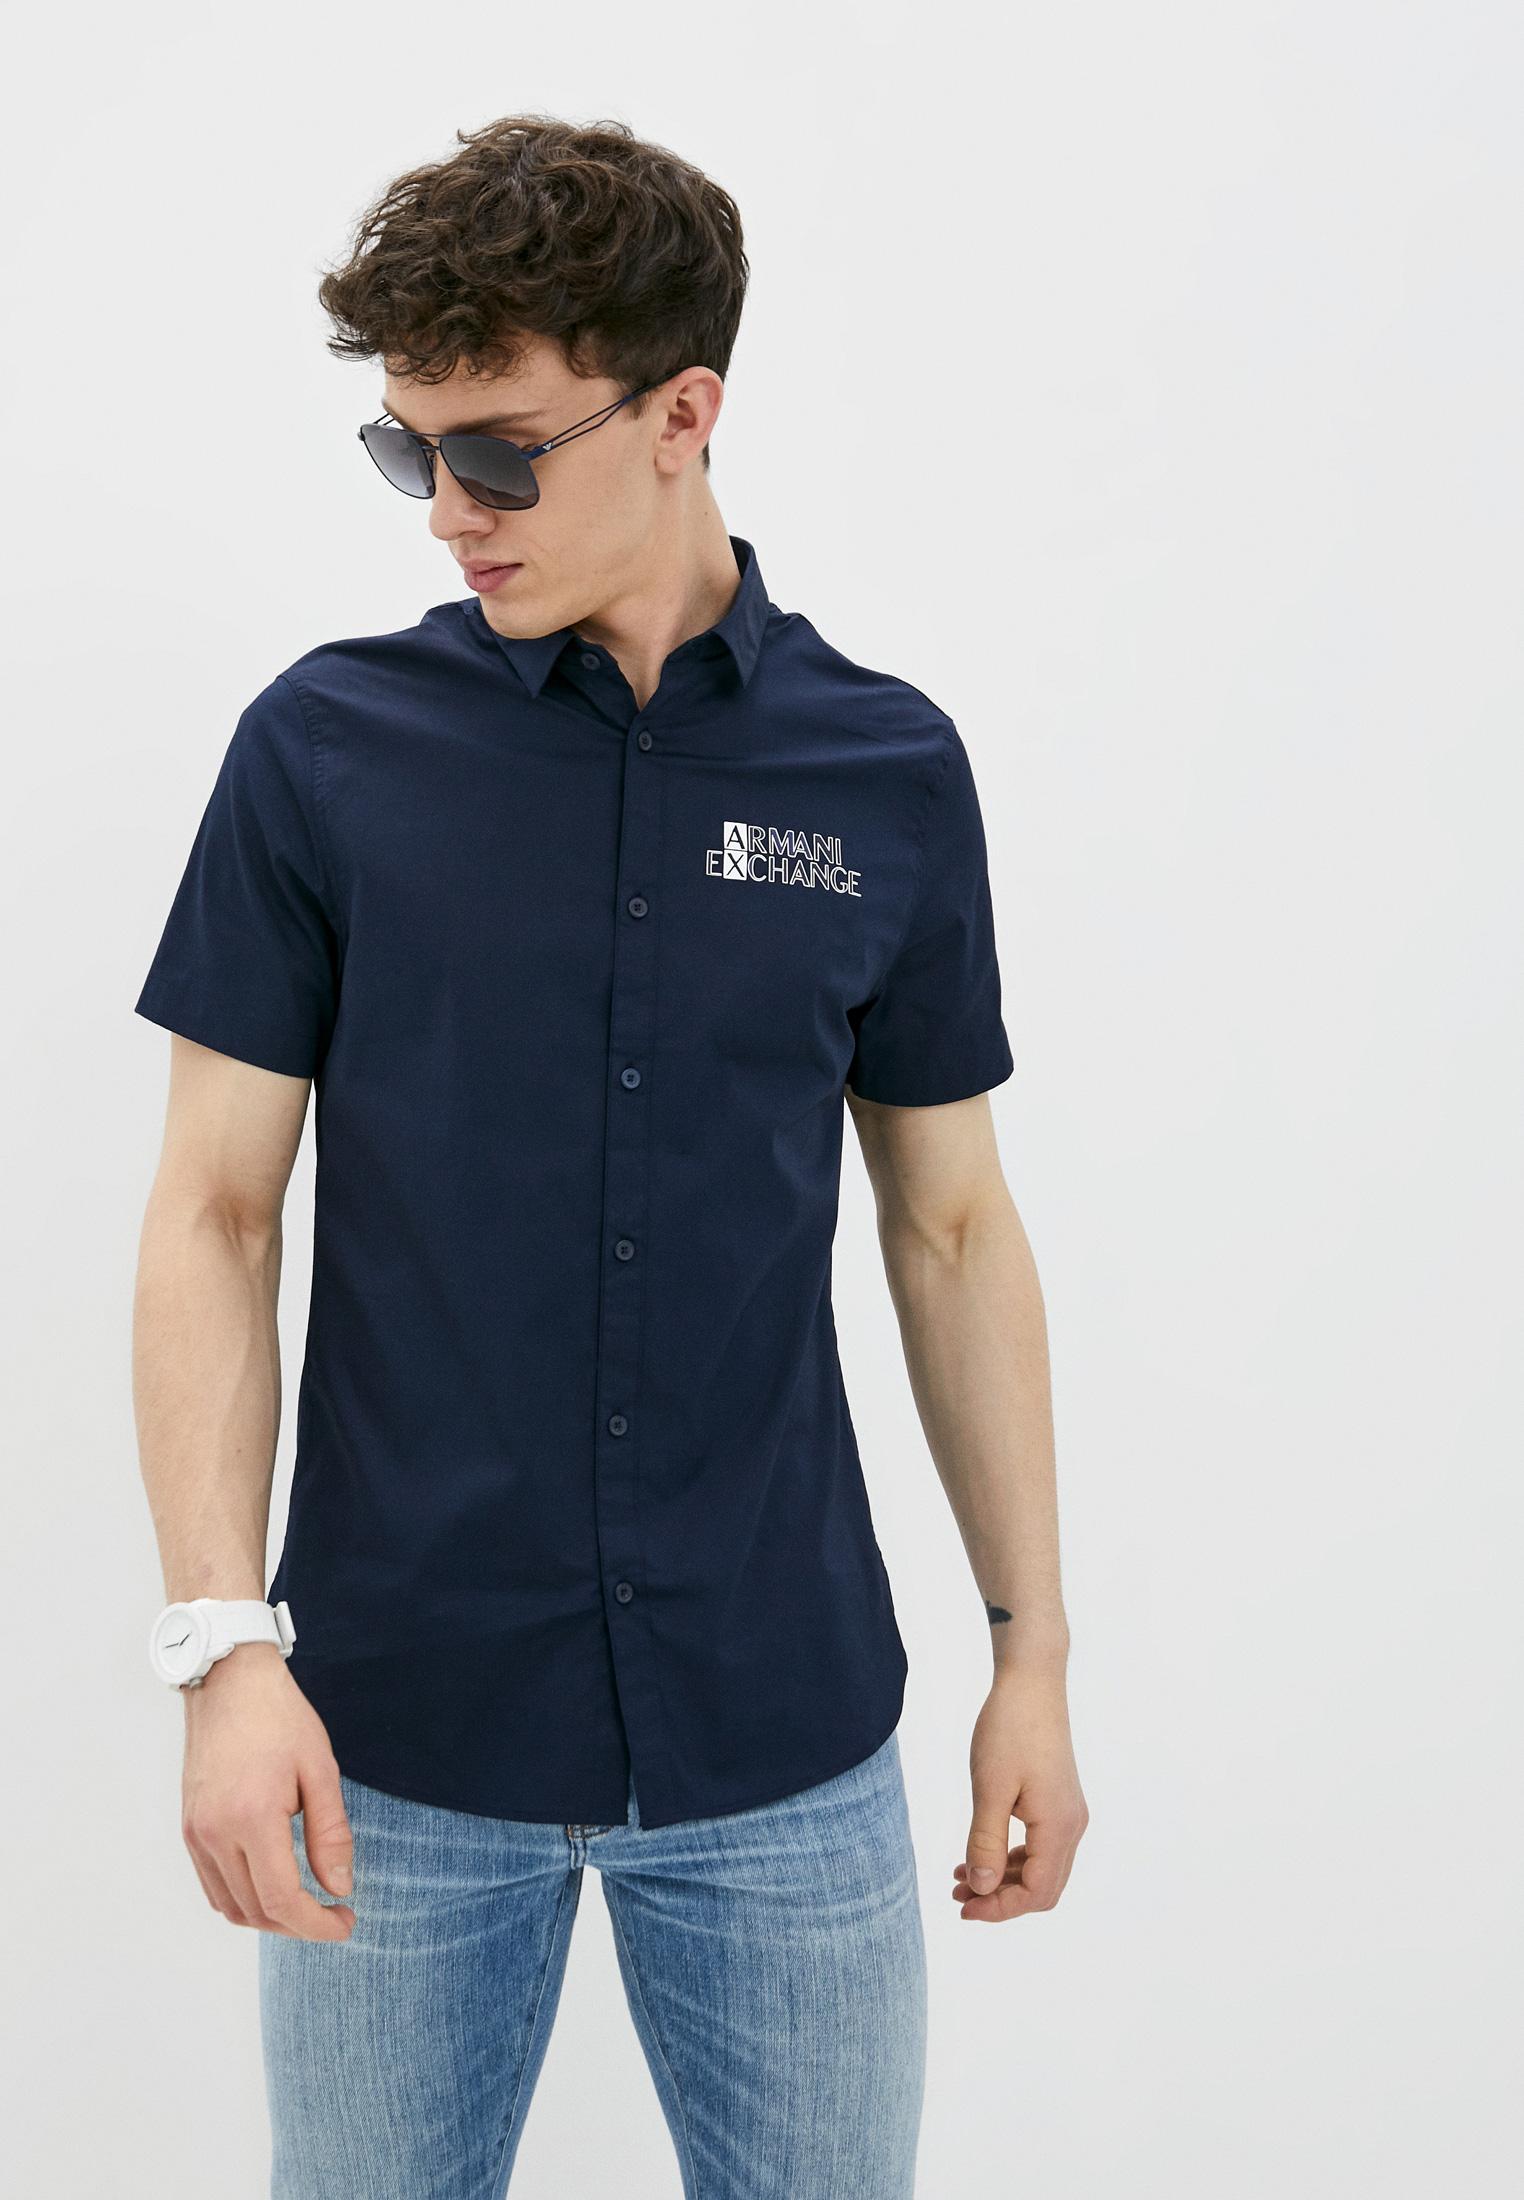 Рубашка с коротким рукавом Armani Exchange Рубашка Armani Exchange